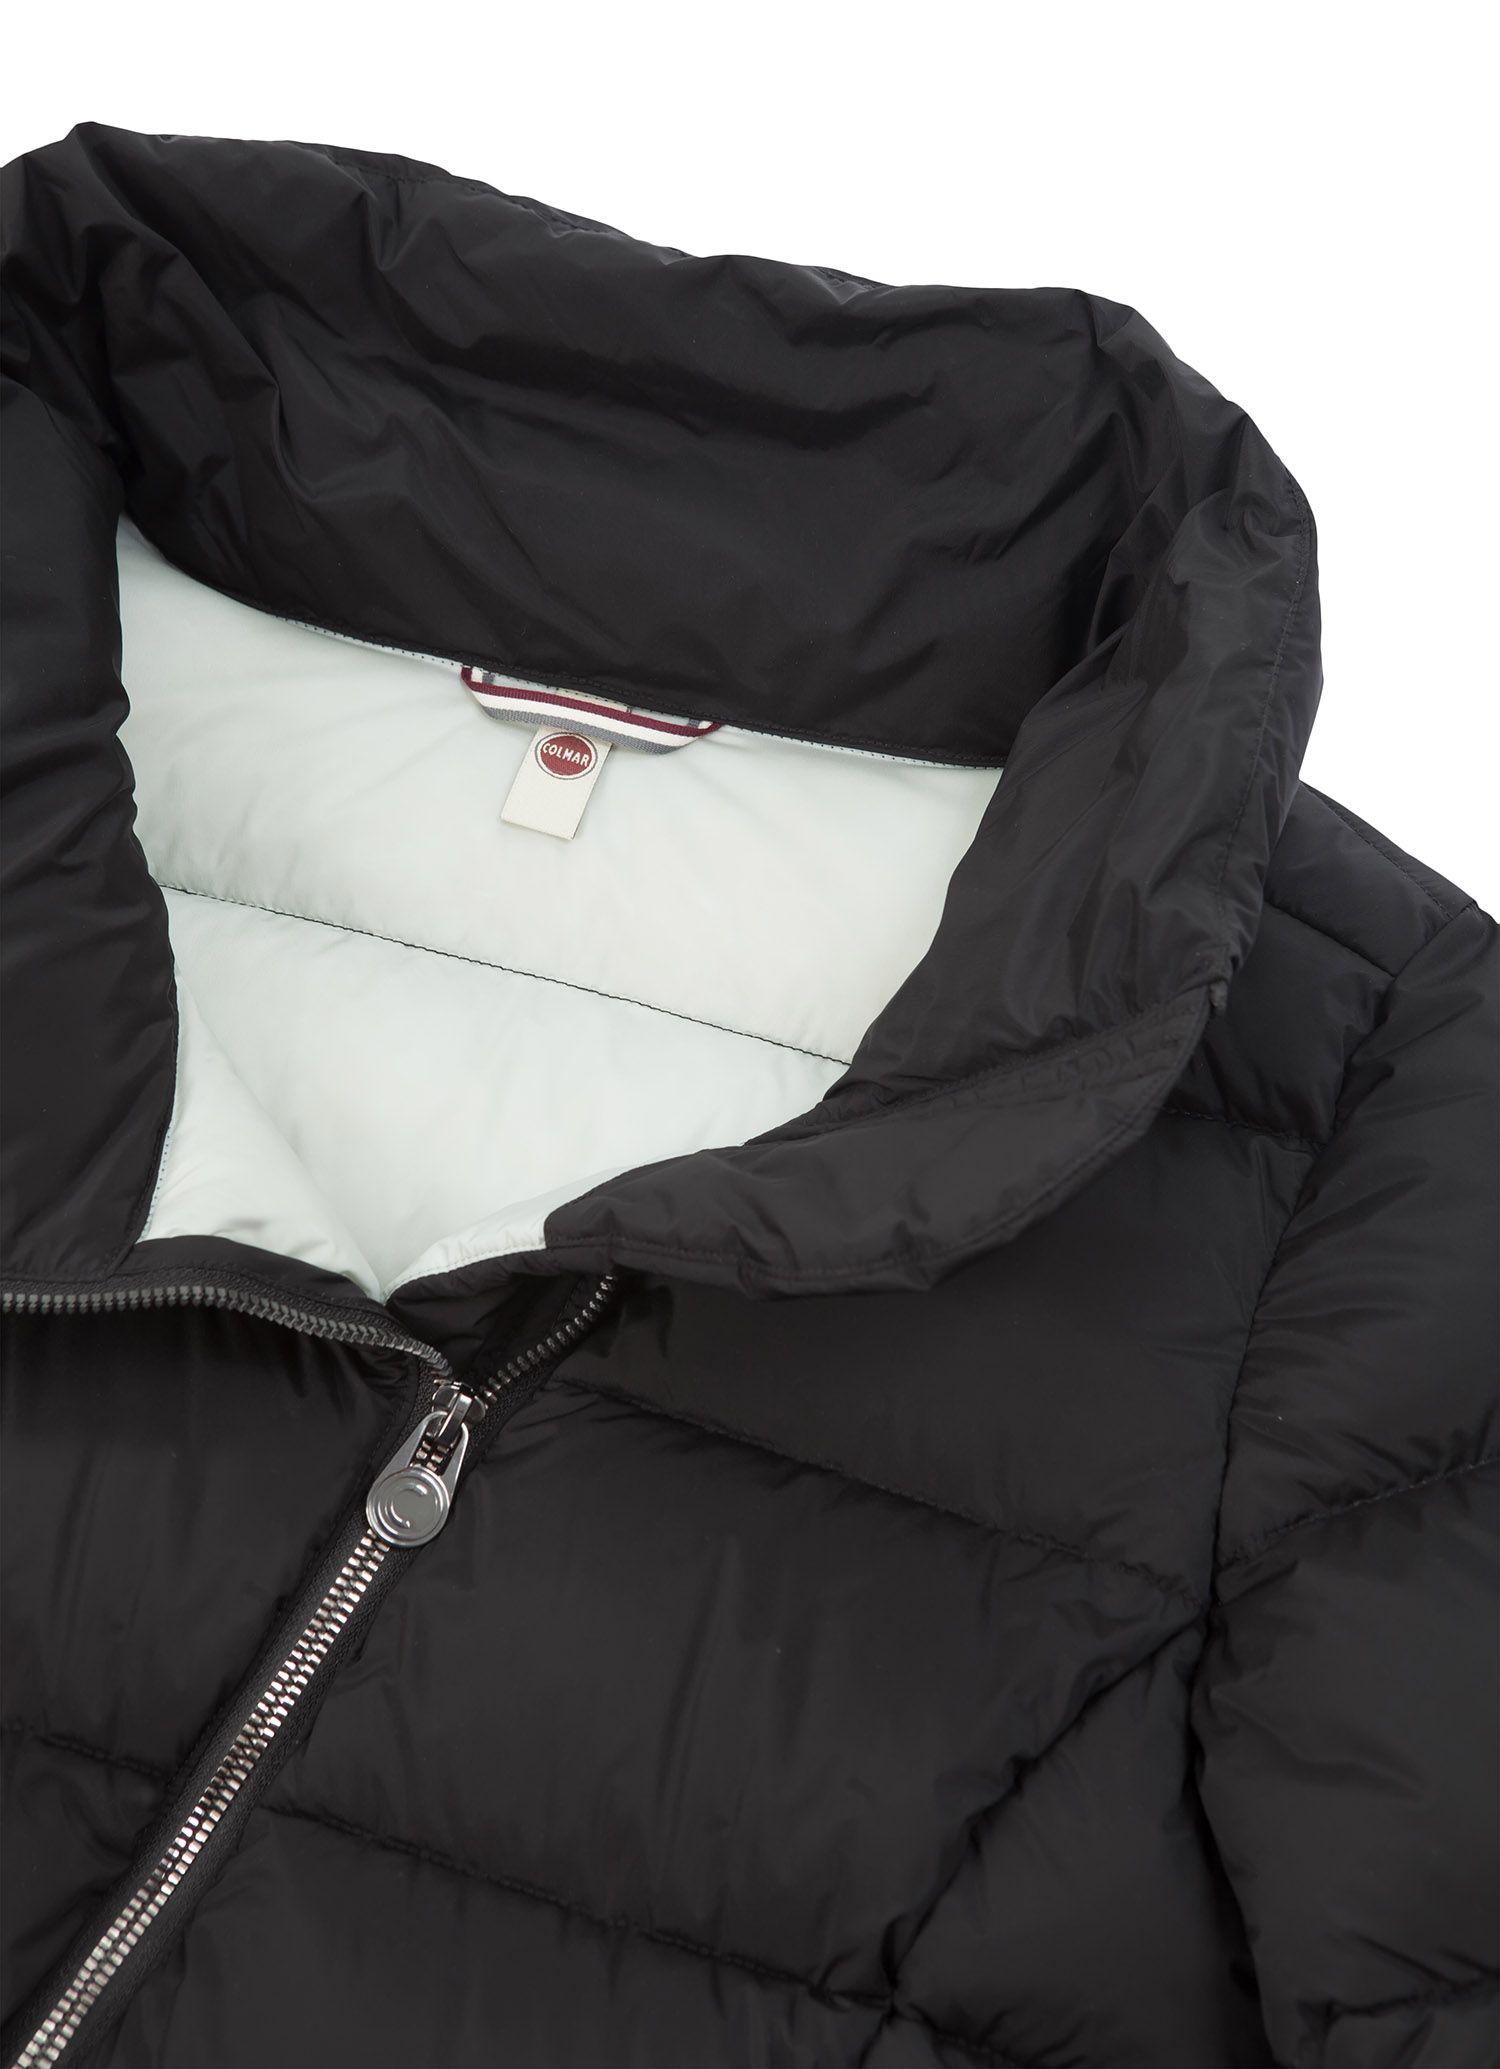 Colmar Originals women's down jacket with diagonal zip and